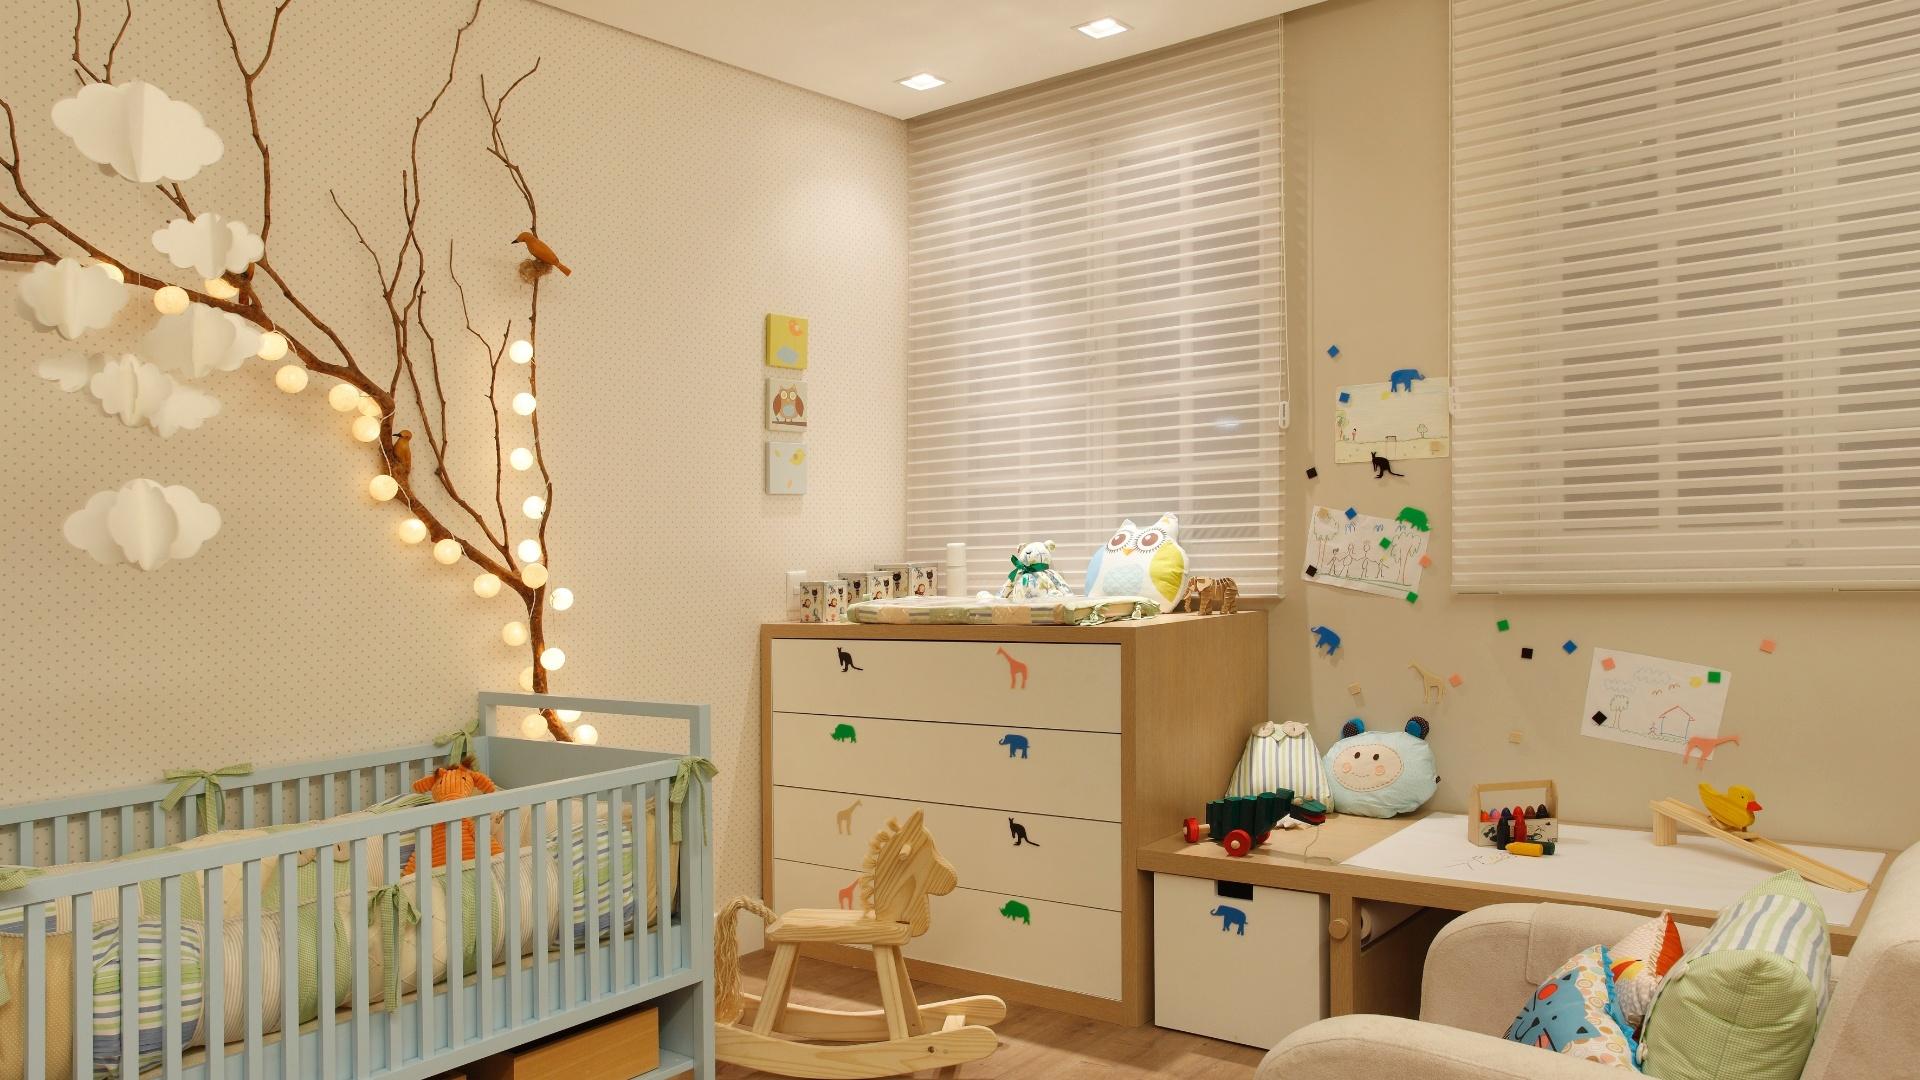 Quarto do bebê Veja 5 dicas importantes na hora de decorar!  Blog Corporati